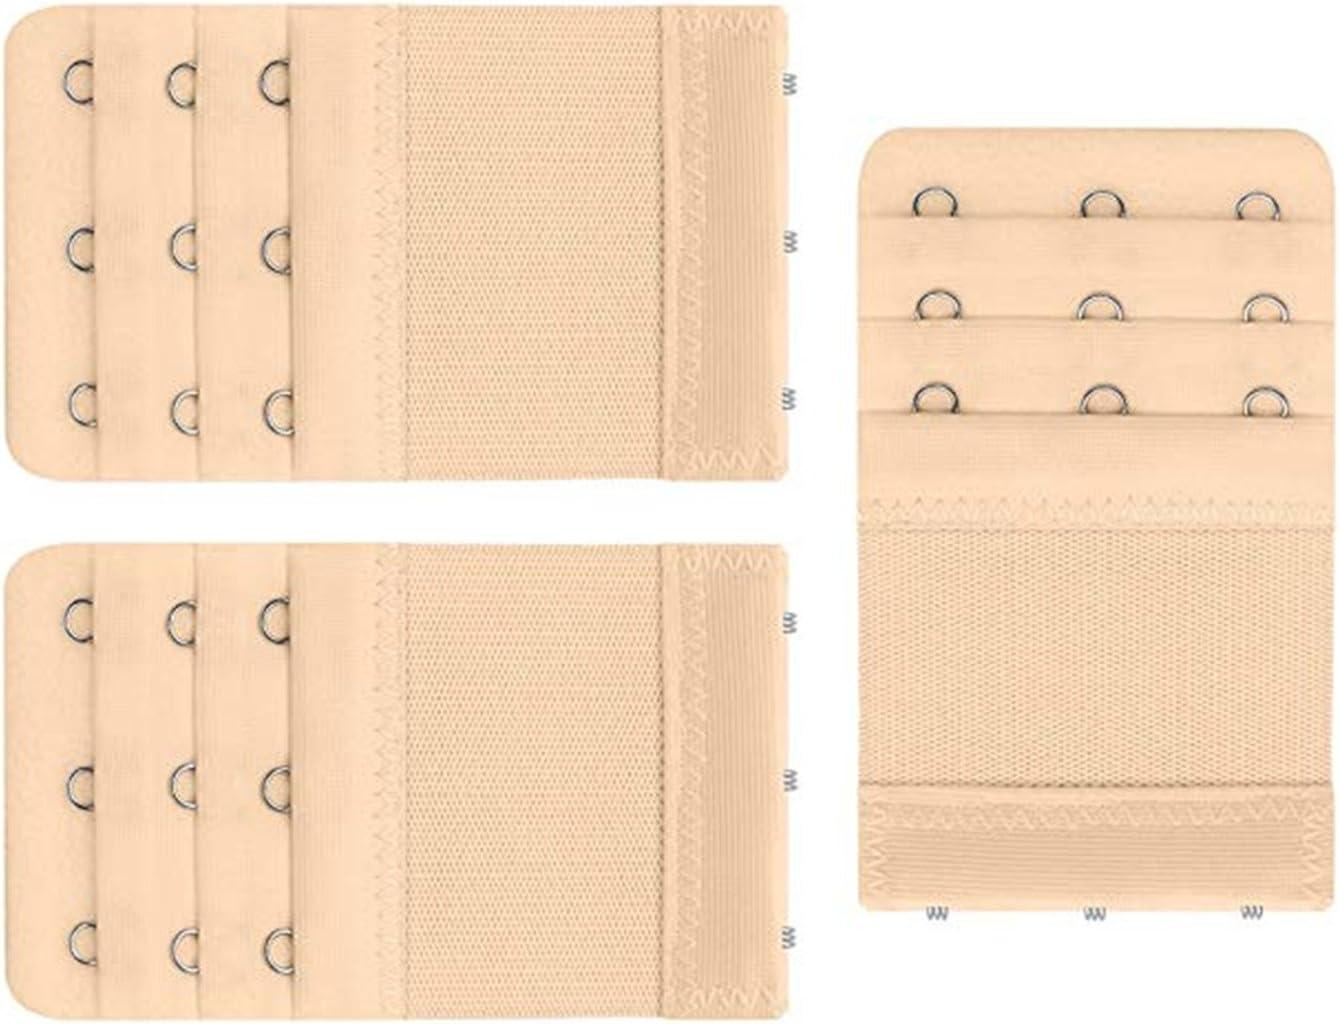 Xcsskg estensori elastici per la banda del reggiseno con 3 ganci confezione da 3 pezzi White